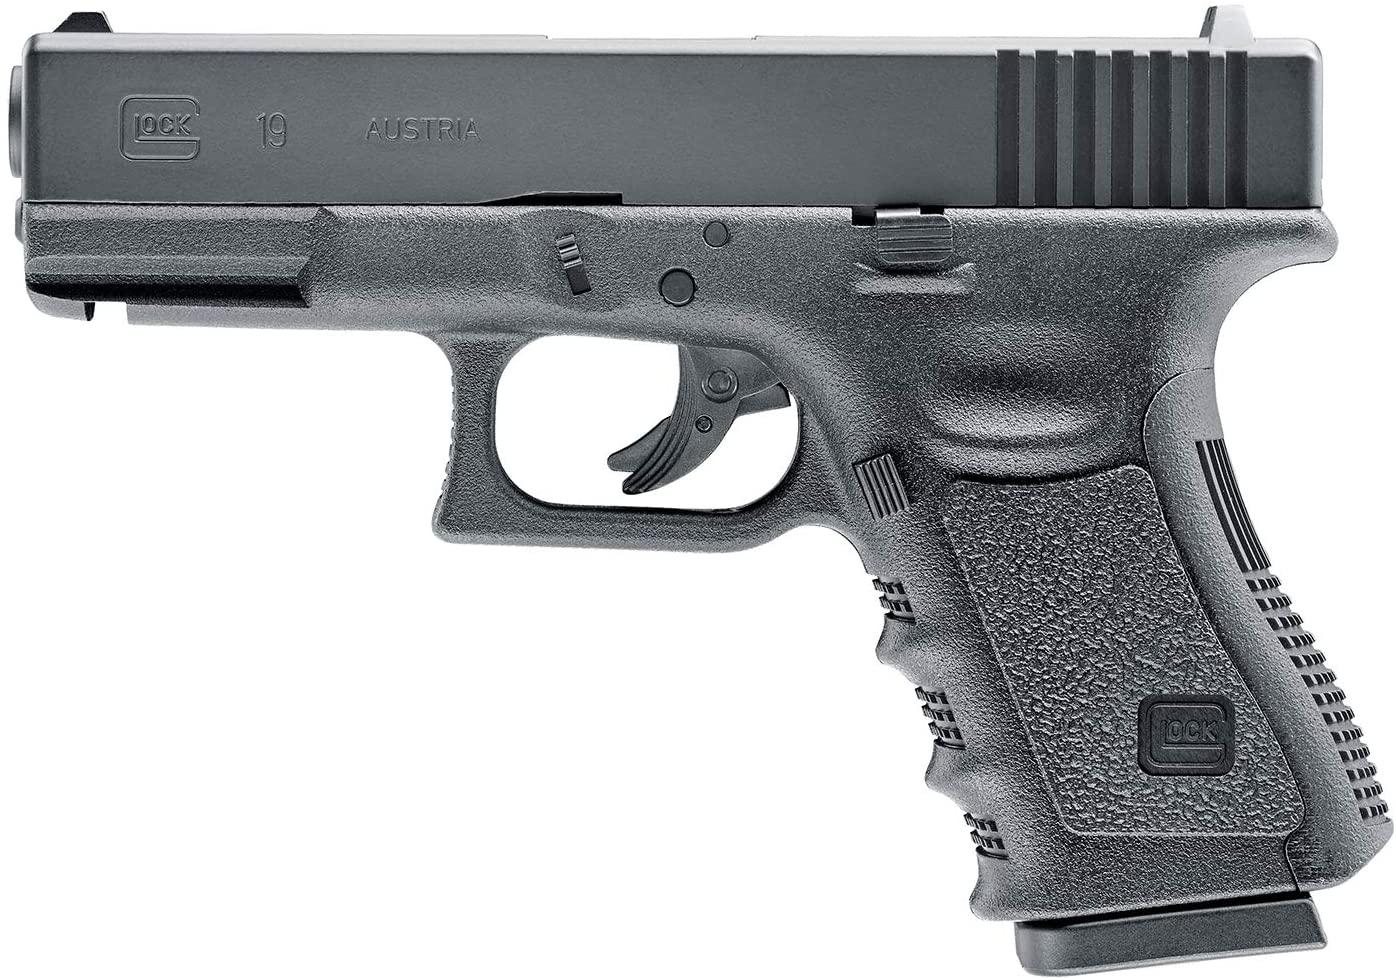 Glock 19 Gen 3 .177 Caliber BB gun Air Pistol